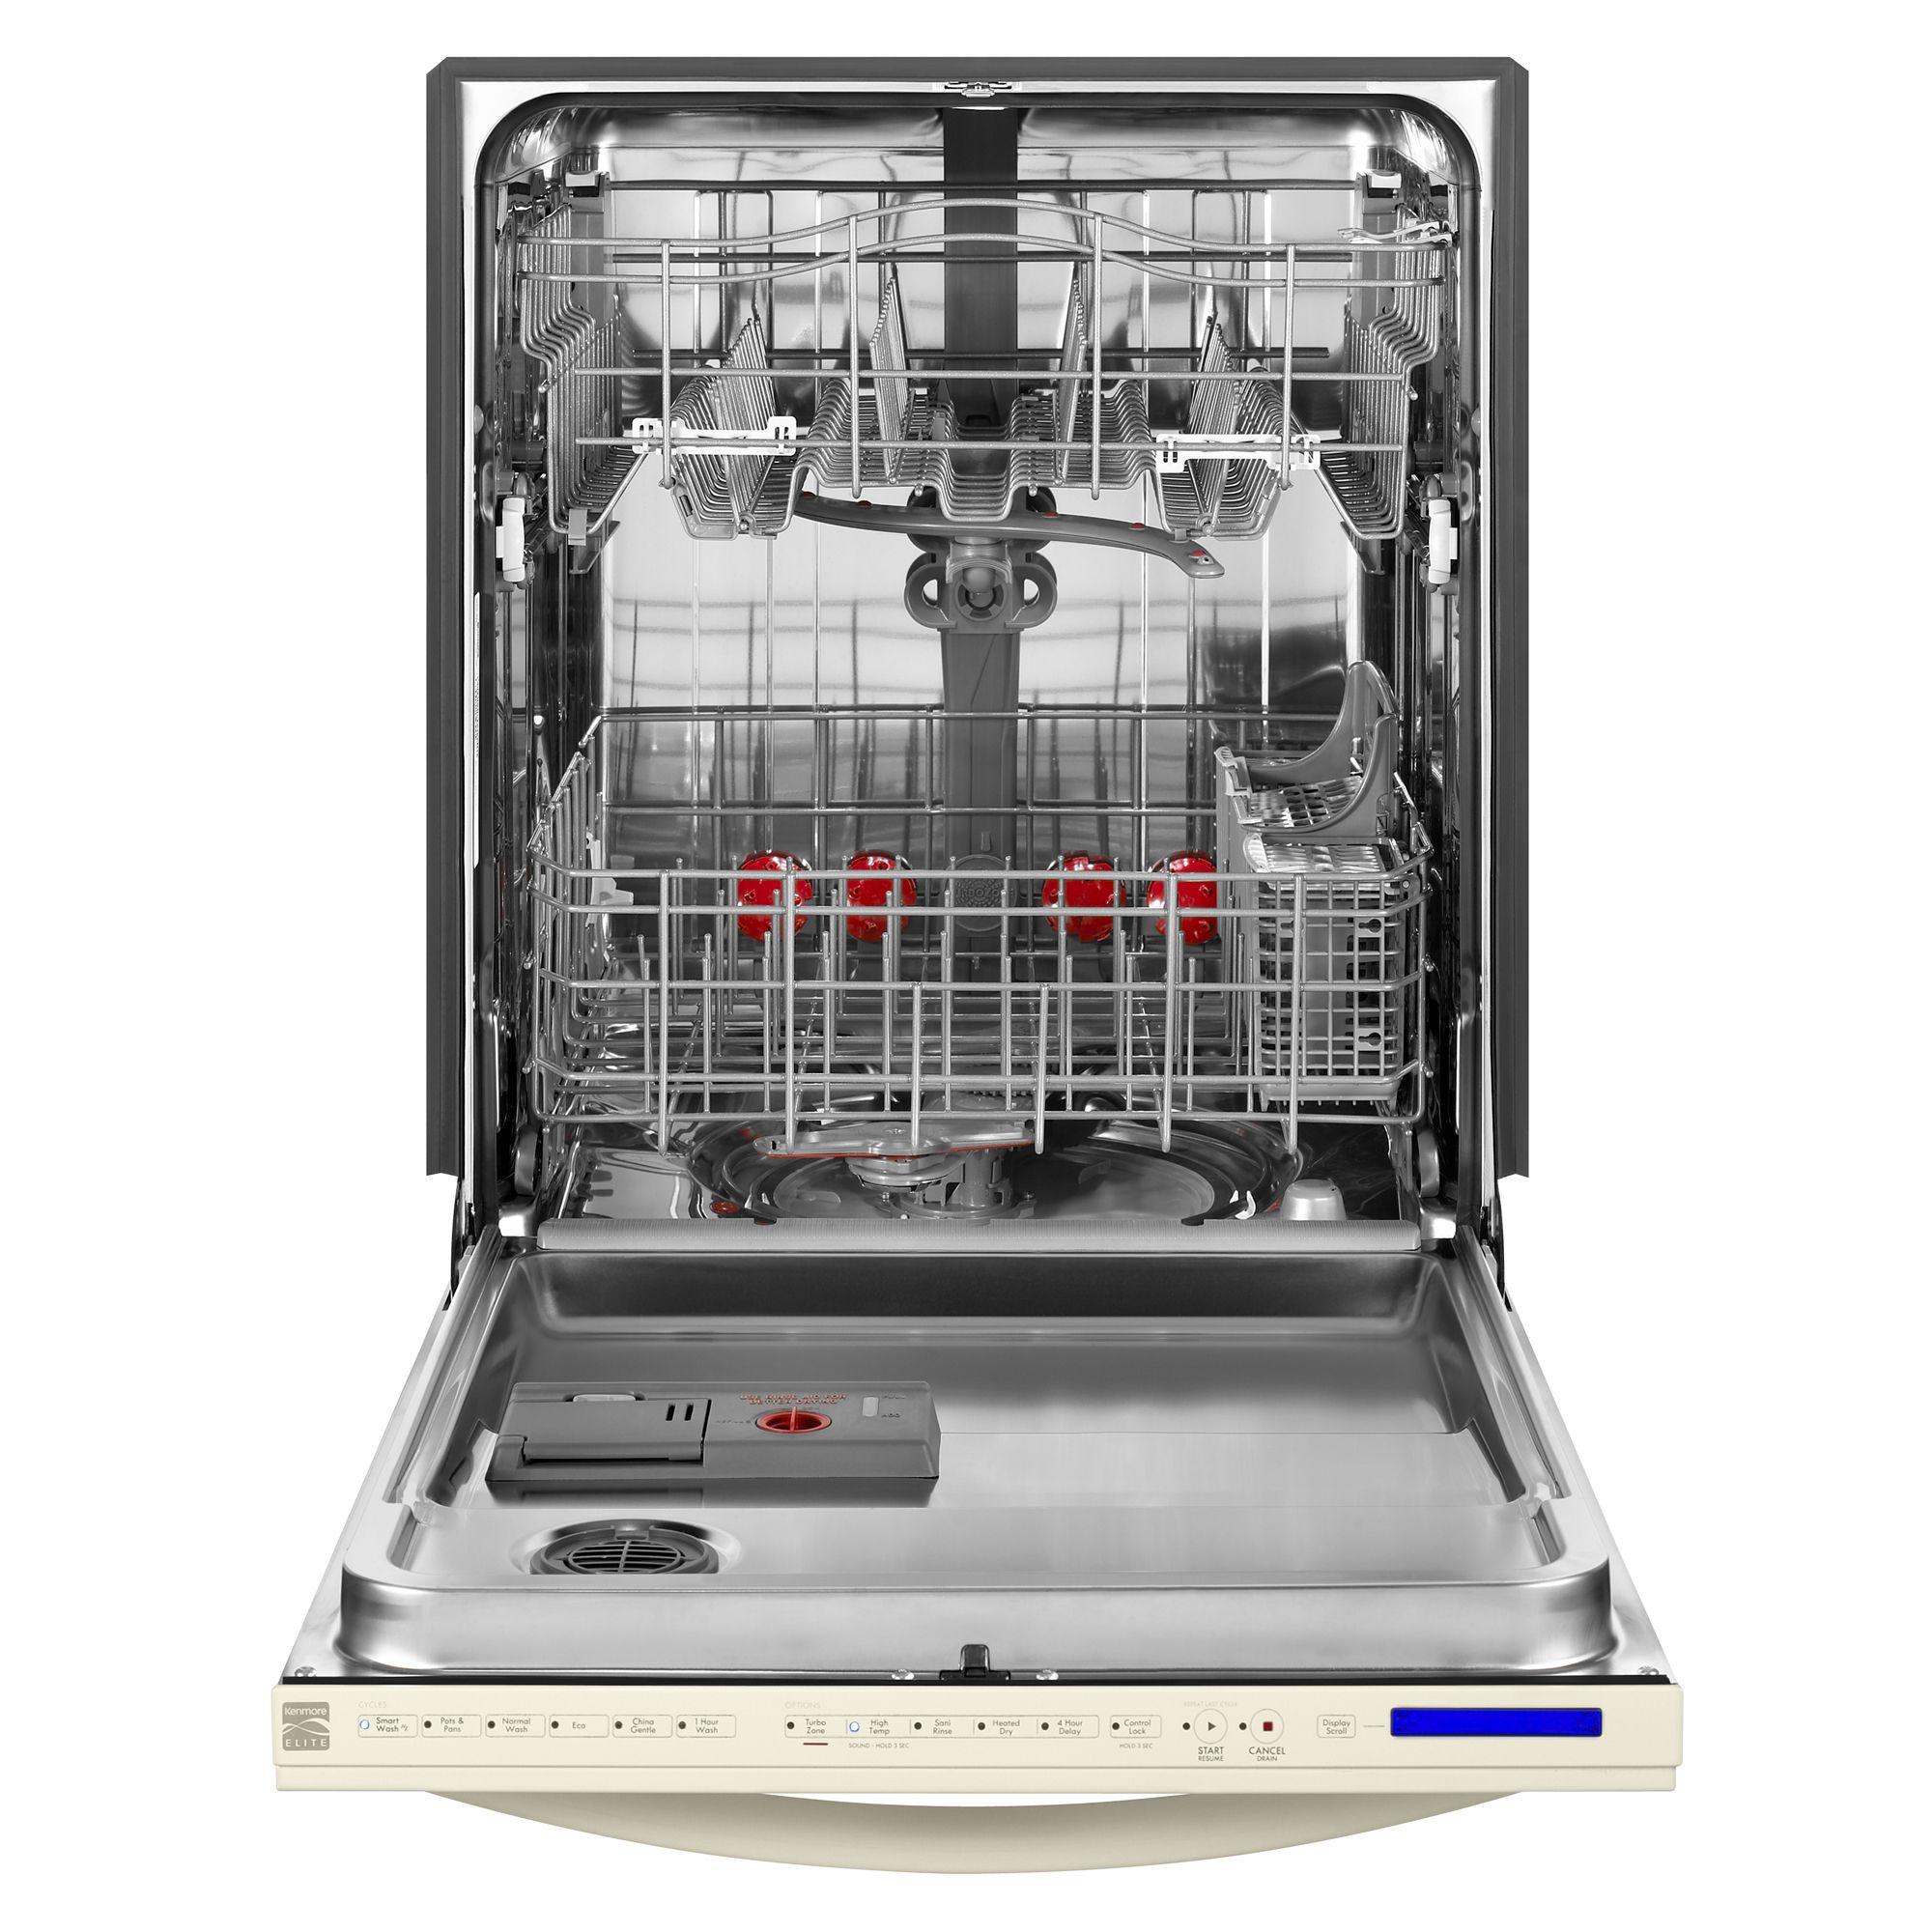 """Kenmore Elite 24"""" Built-In Dishwasher w/ 360 Degree PowerWash Technology - Bisque"""